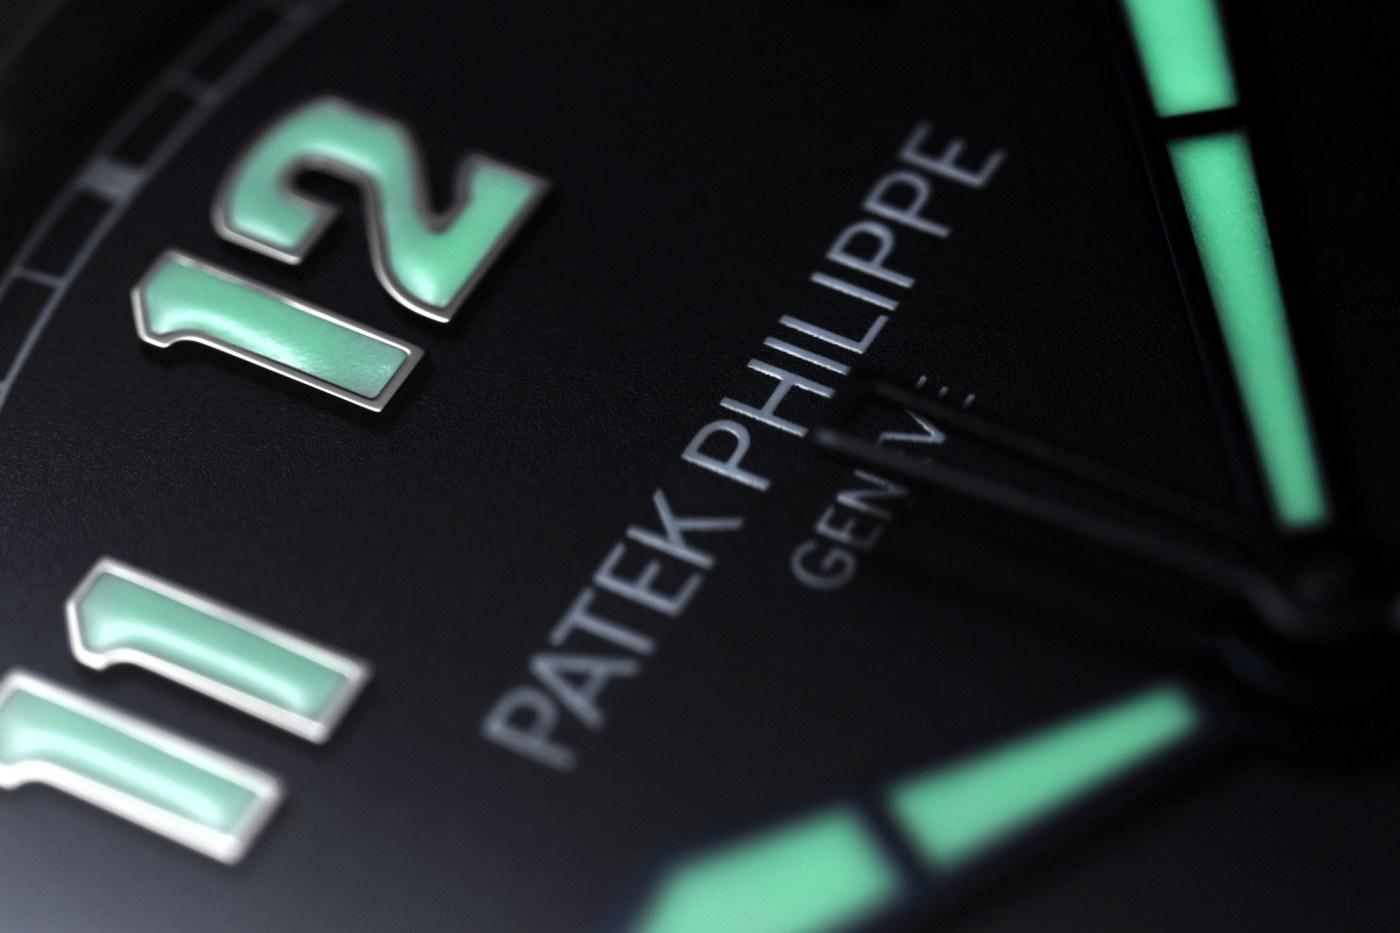 Calatrava Pilot Ref. 5522 New York Special Edition